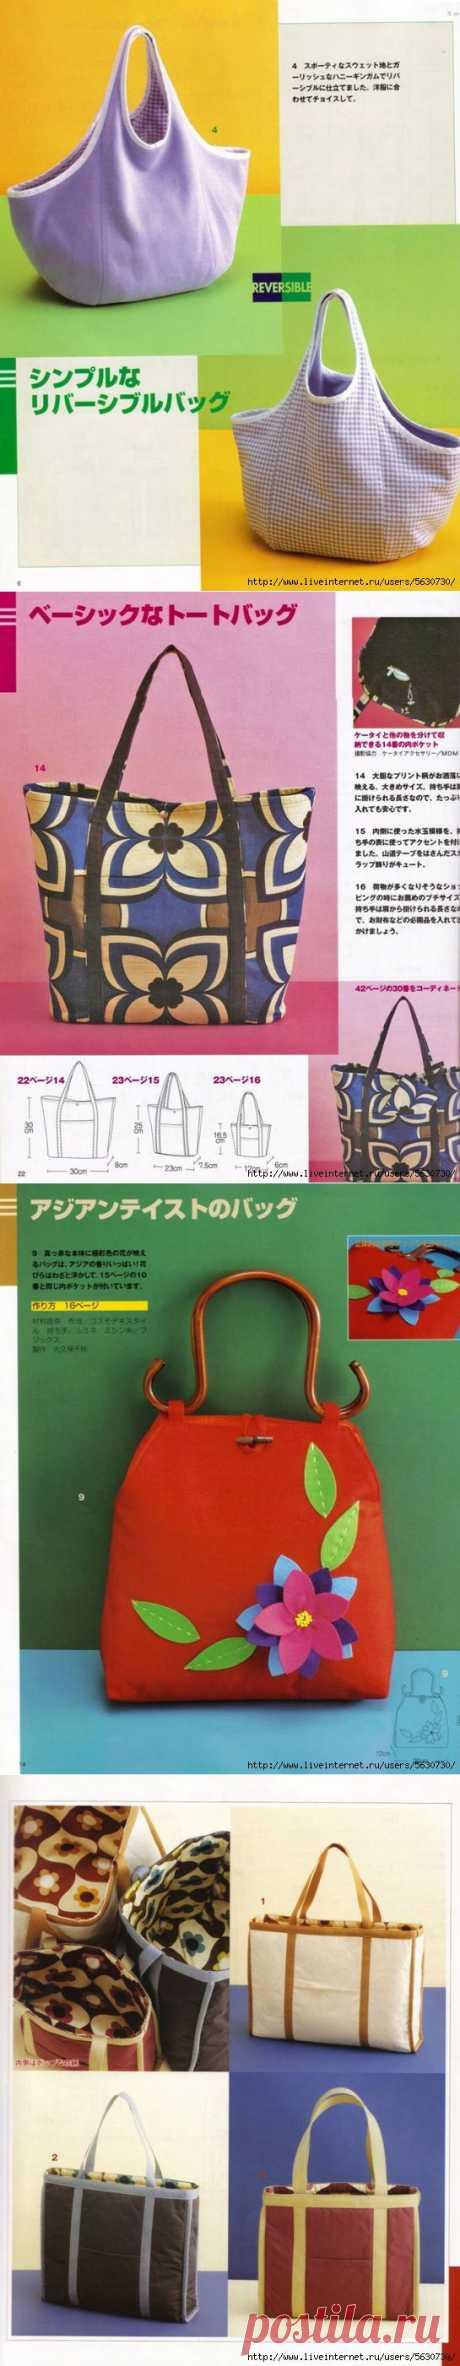 цитата alisa888_verbitskaya : Японские выкройки сумок (11:57 24-05-2014) [4339977/325523570] - elena-50966@mail.ru - Почта Mail.Ru